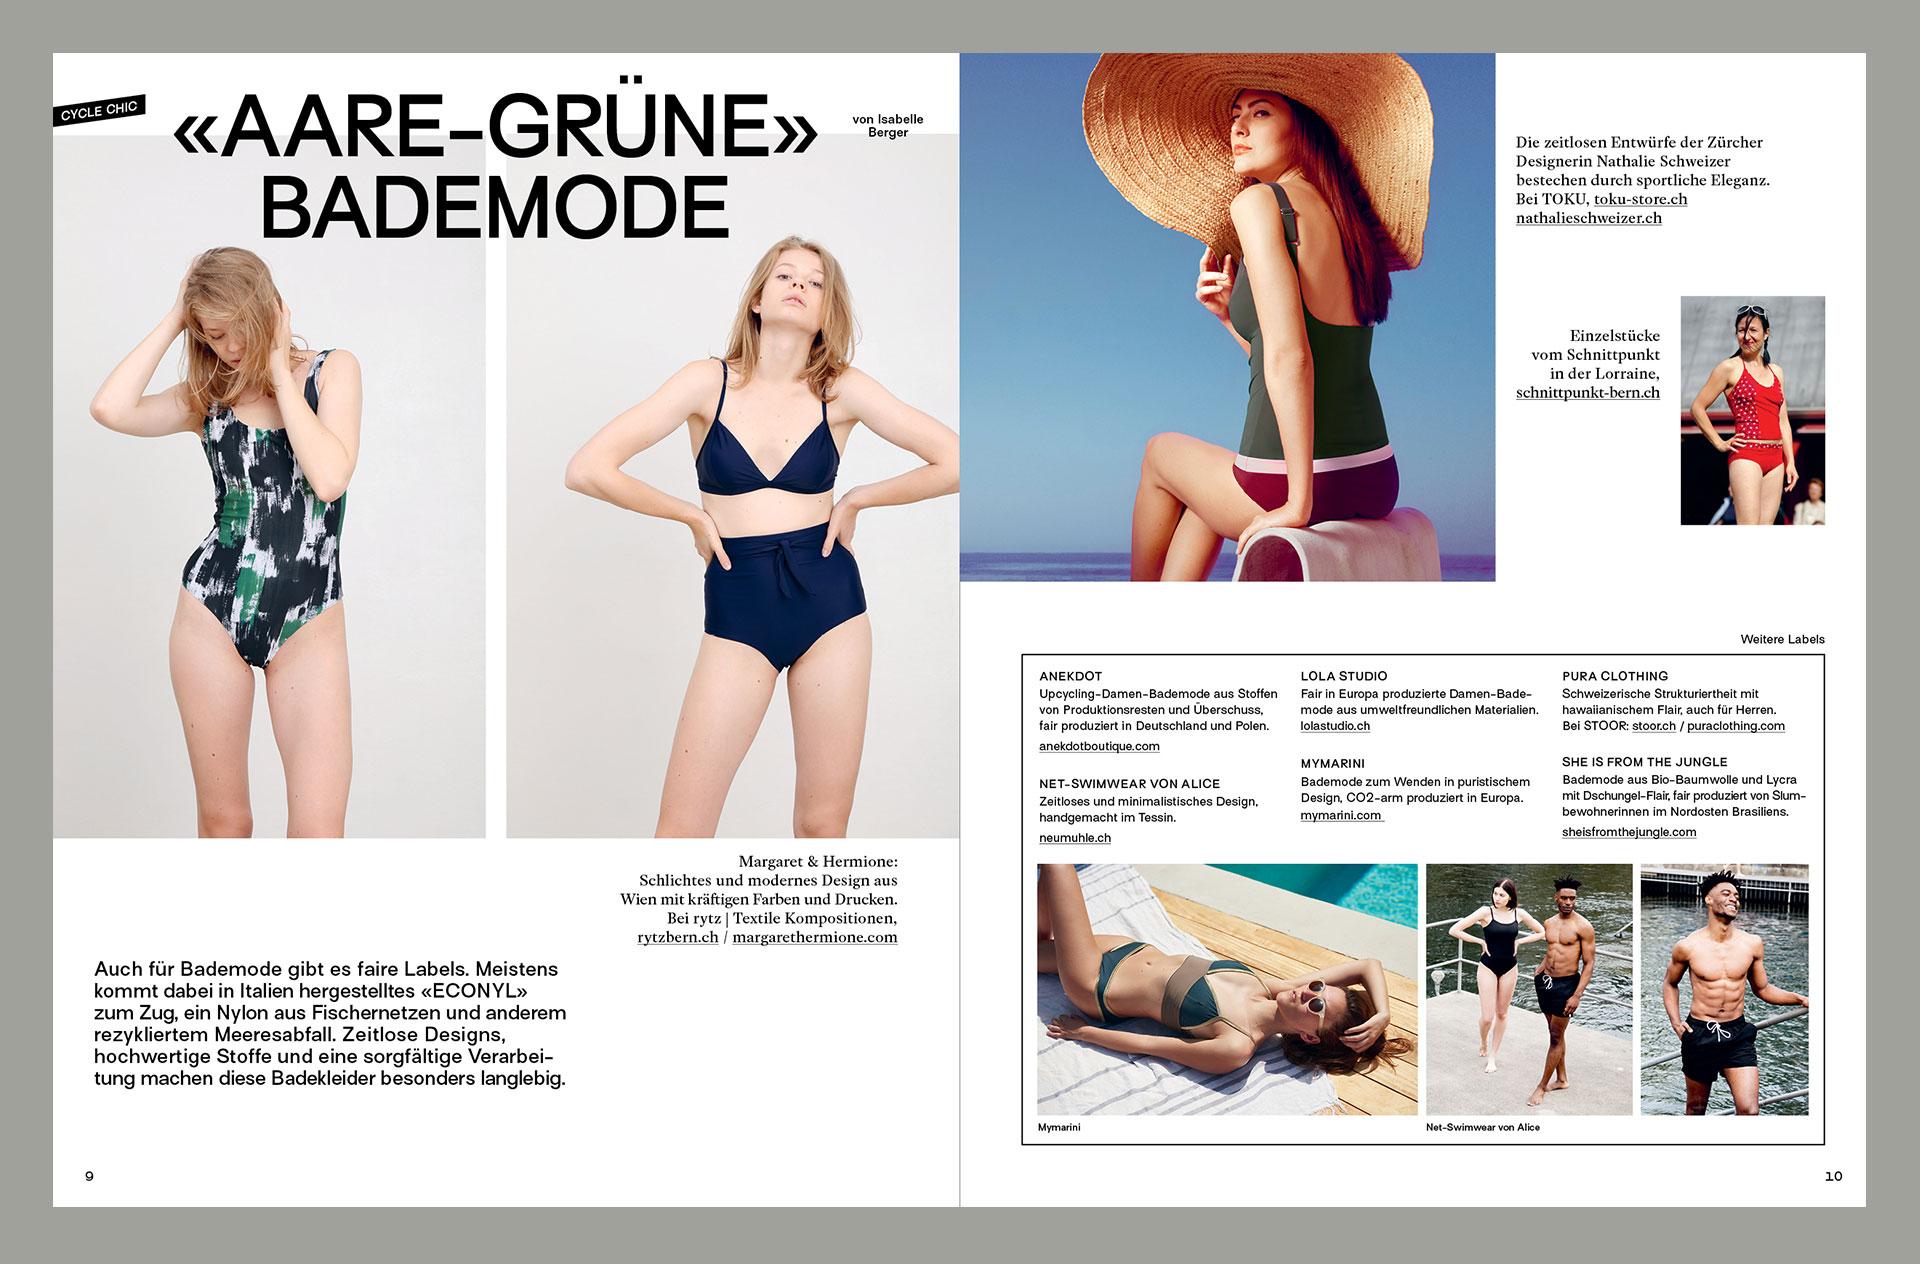 Atelier Pol, Velo Fair Fashion Magazin, magazine, editorial design, quartierzeit, bern, switzerland